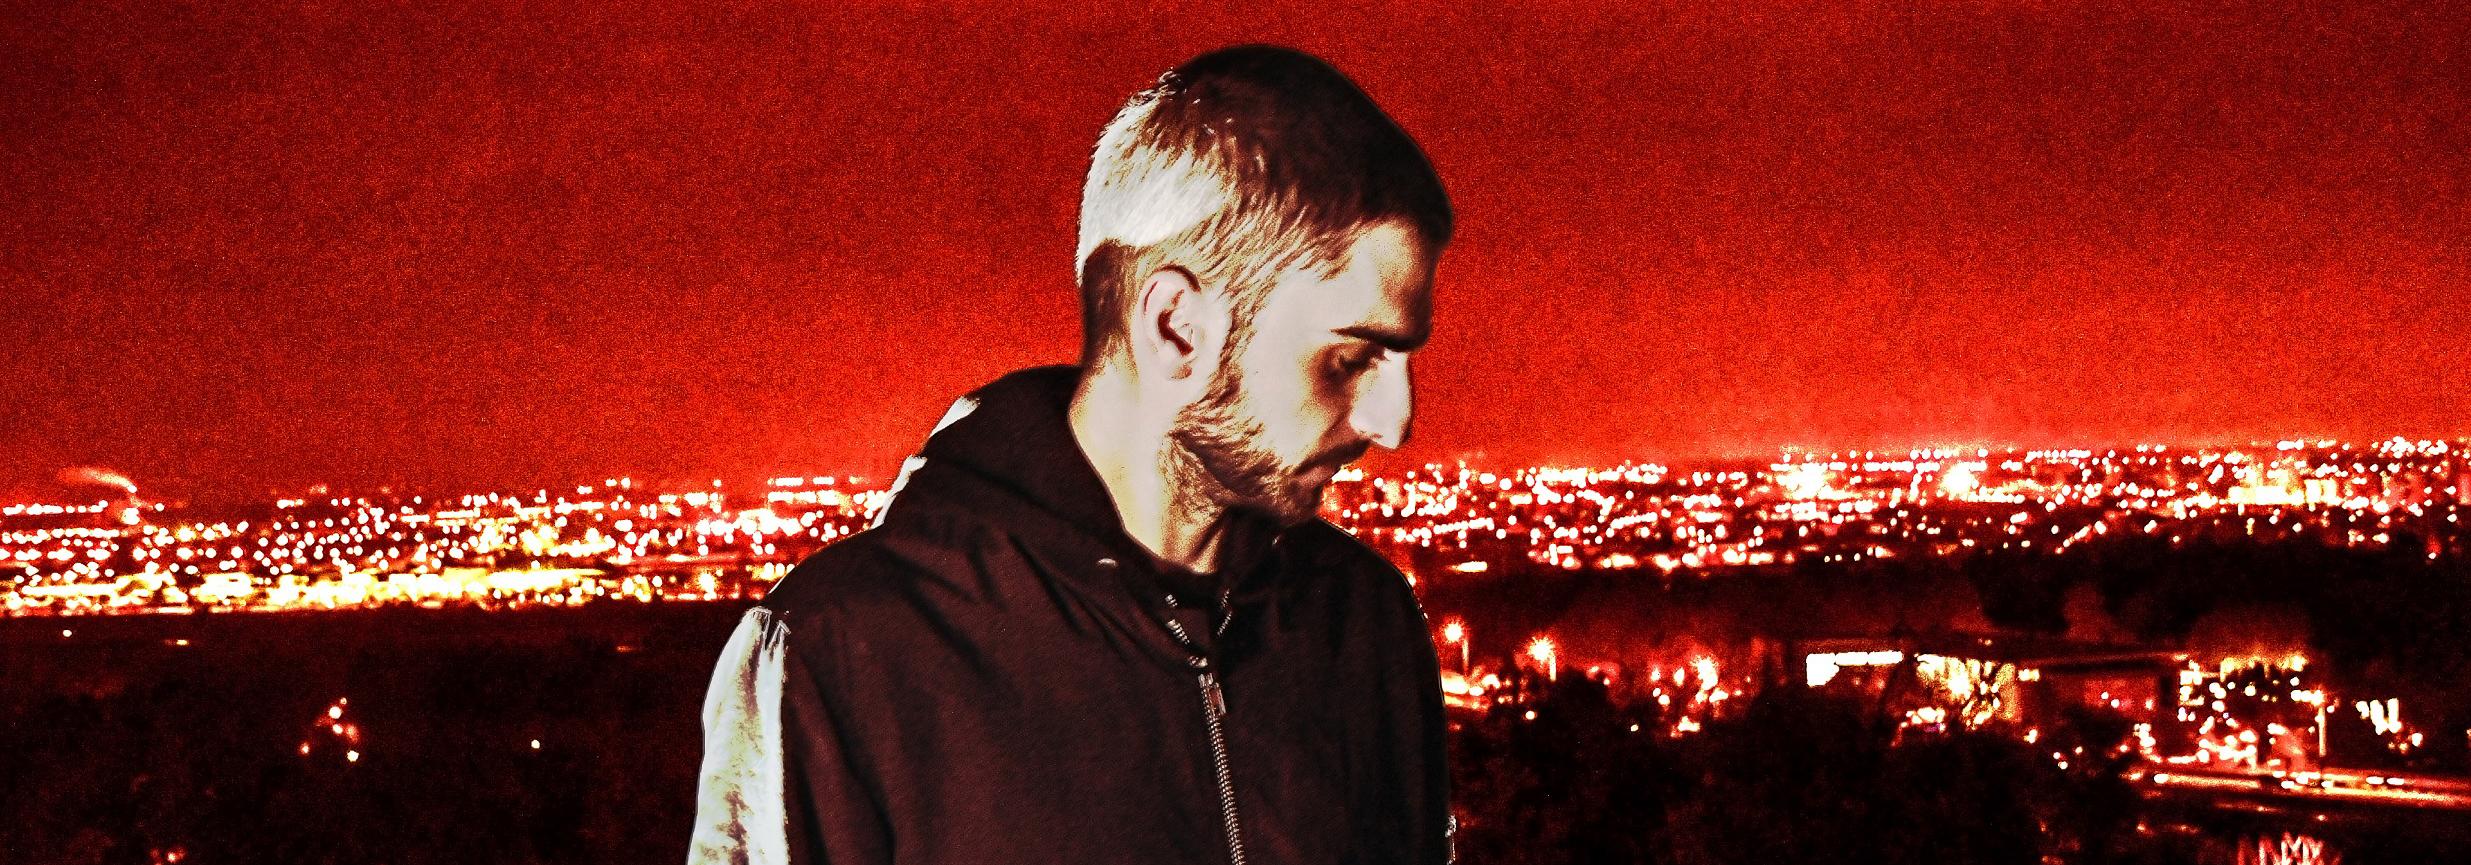 Photo de l'artiste Altarba de profil sur un fond de ville rouge